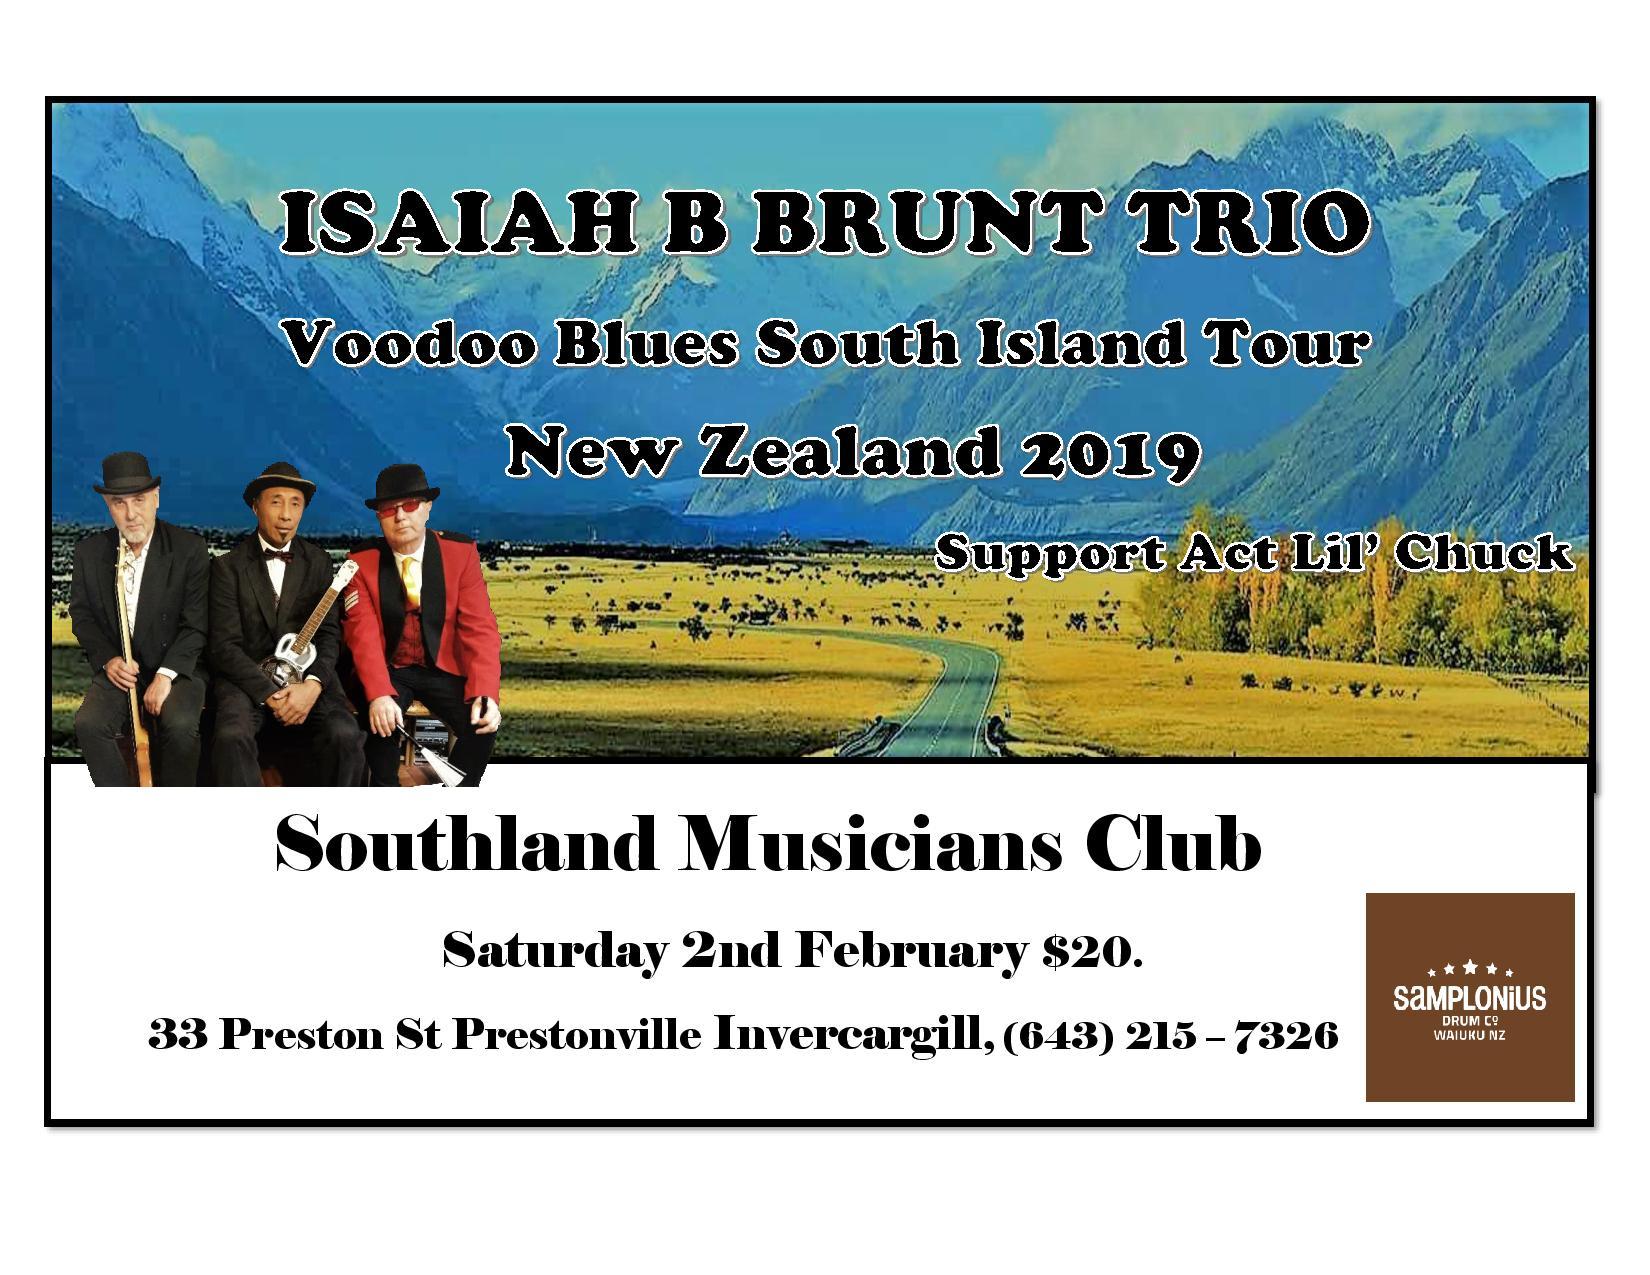 Isaiah B Brunt Trio NZ Tour